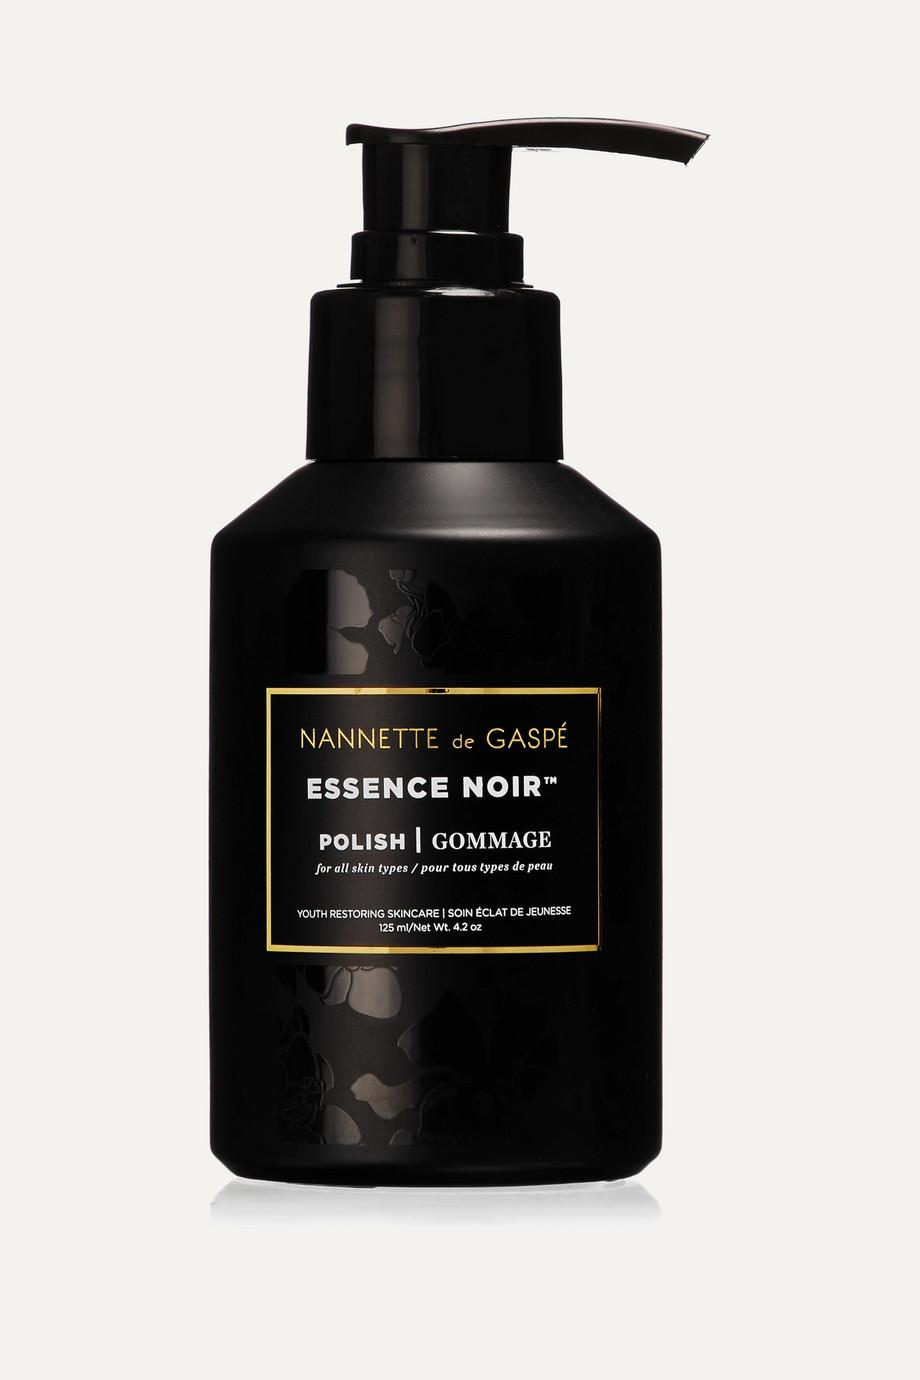 Nannette de Gaspé Art of Noir - Essence Noir Polish, 125ml